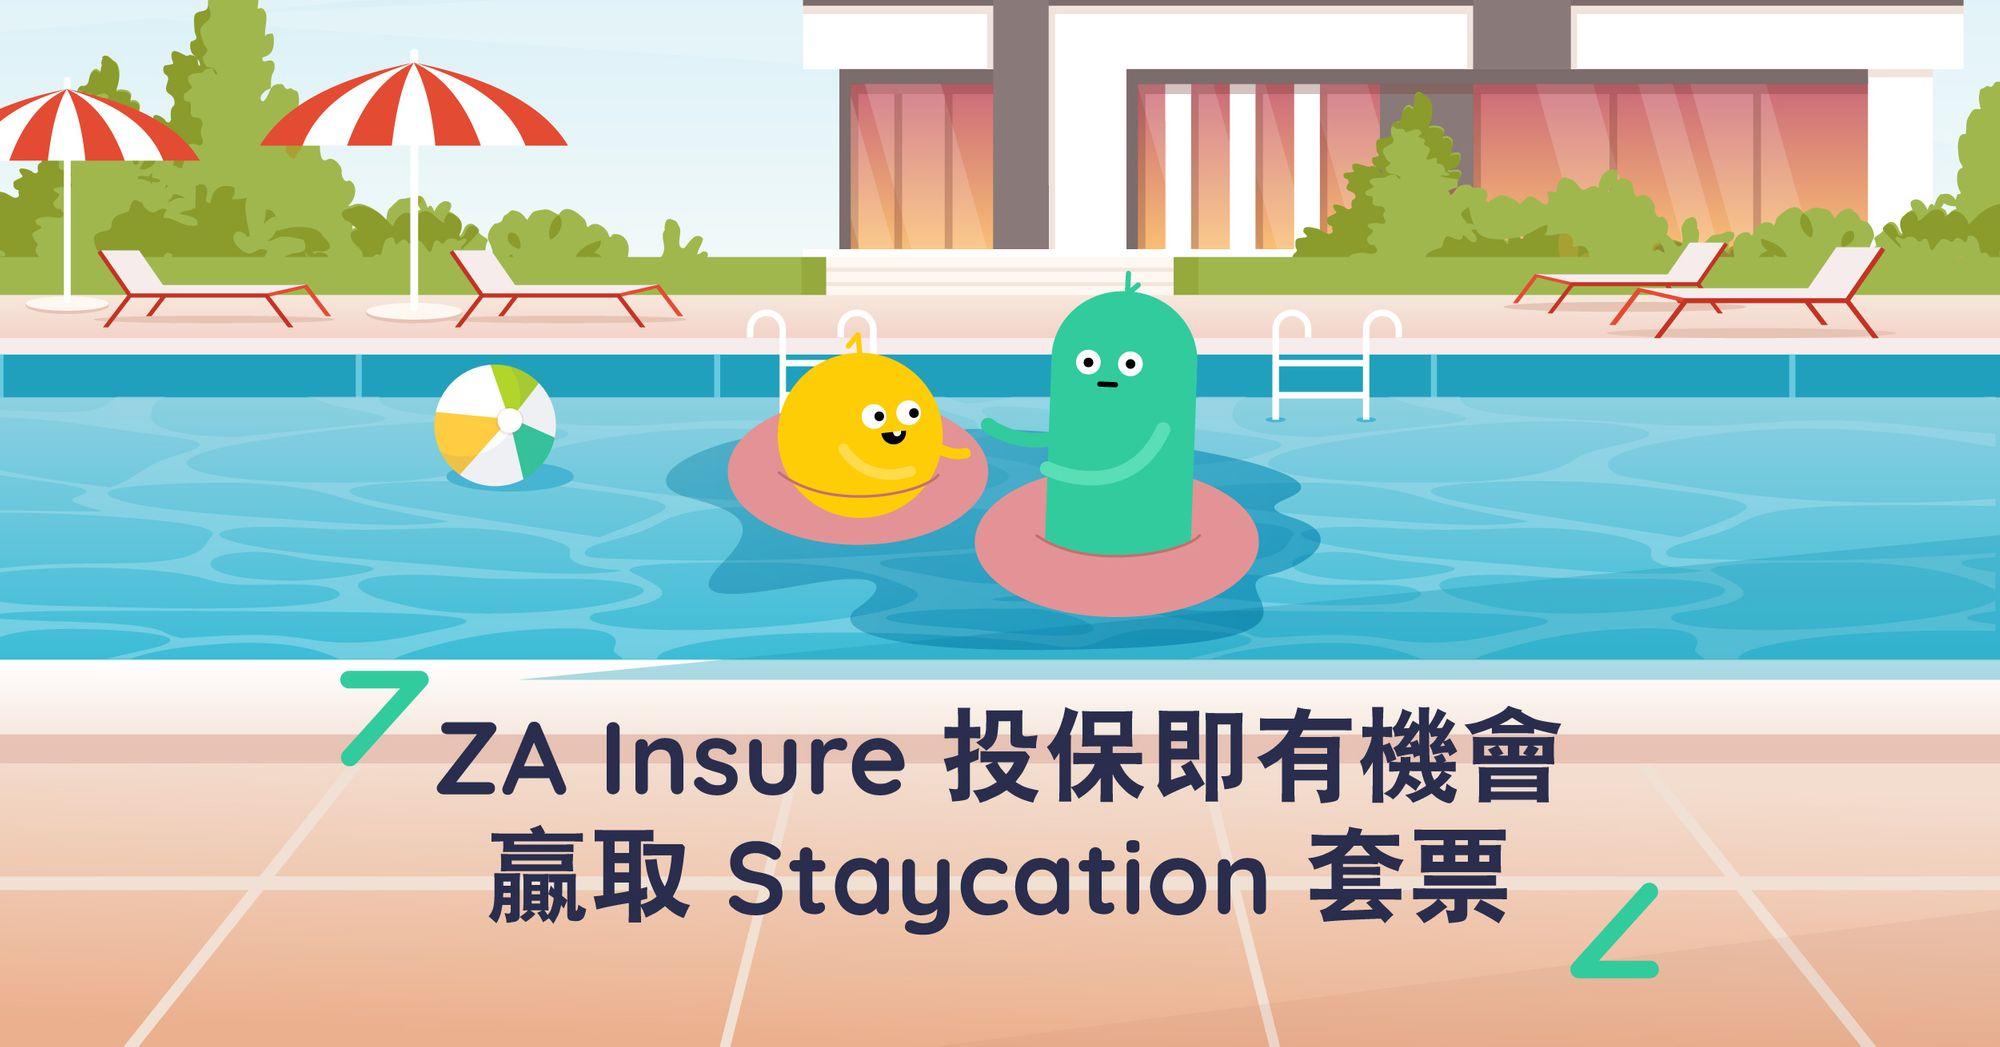 🛡️ZA Insure特選客戶夏日優惠:投保贏酒店套票!🏝️